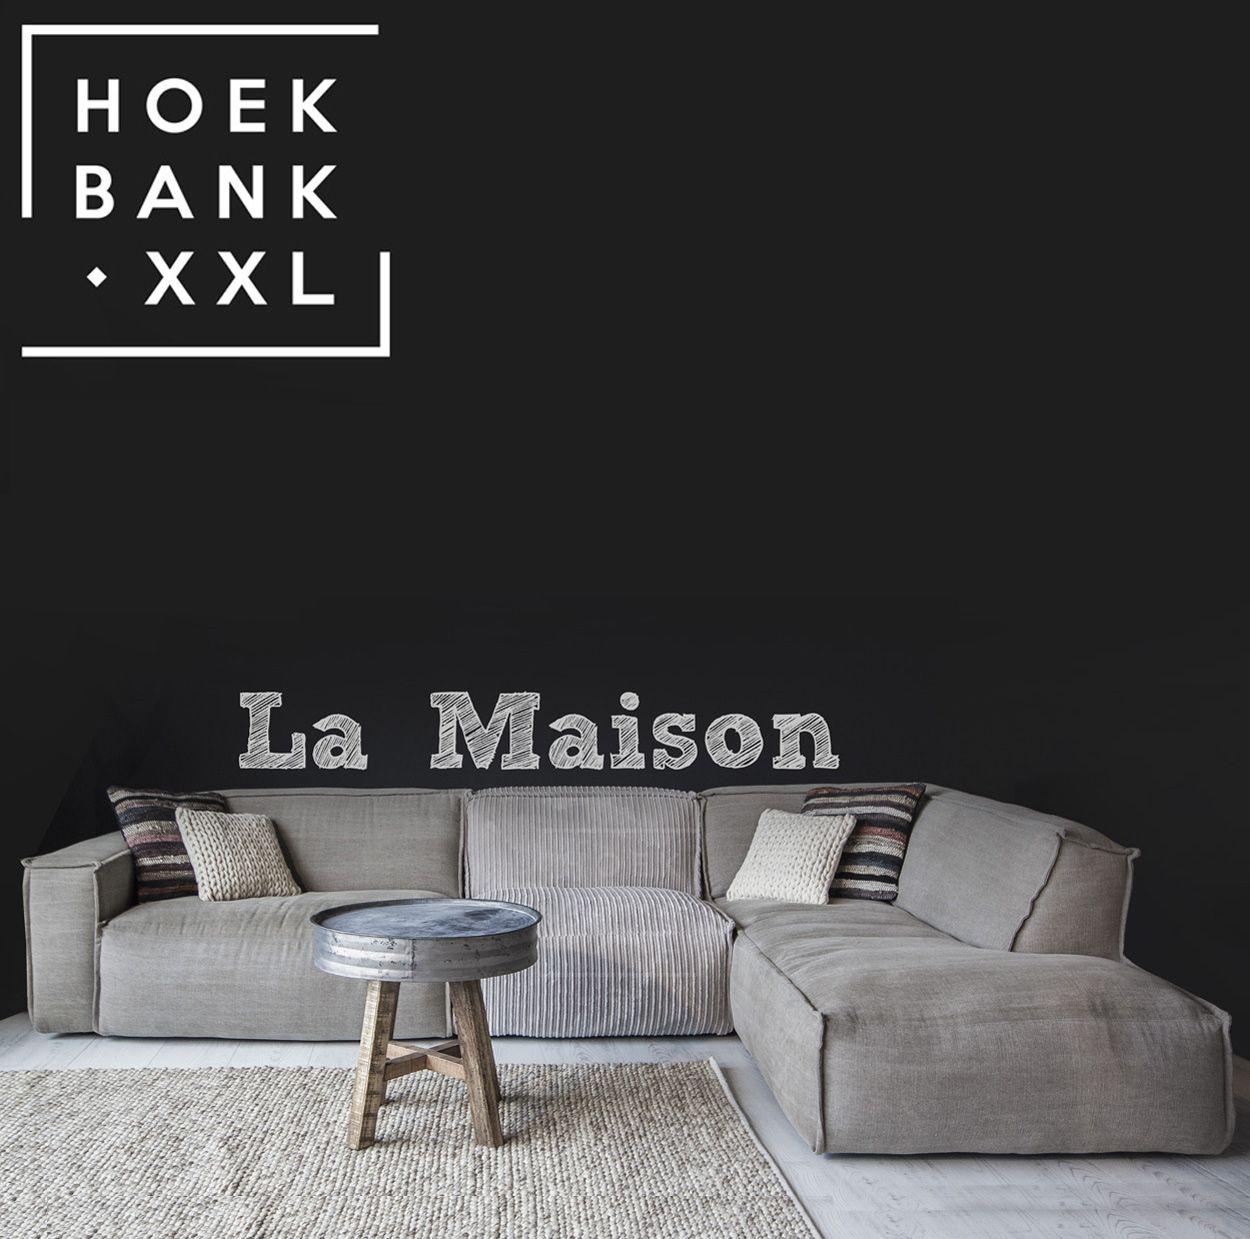 Elementenbank la maison met longchair grote lounge bank verkrijgbaar in verschillende elementen - Zwarte bank lounge ...